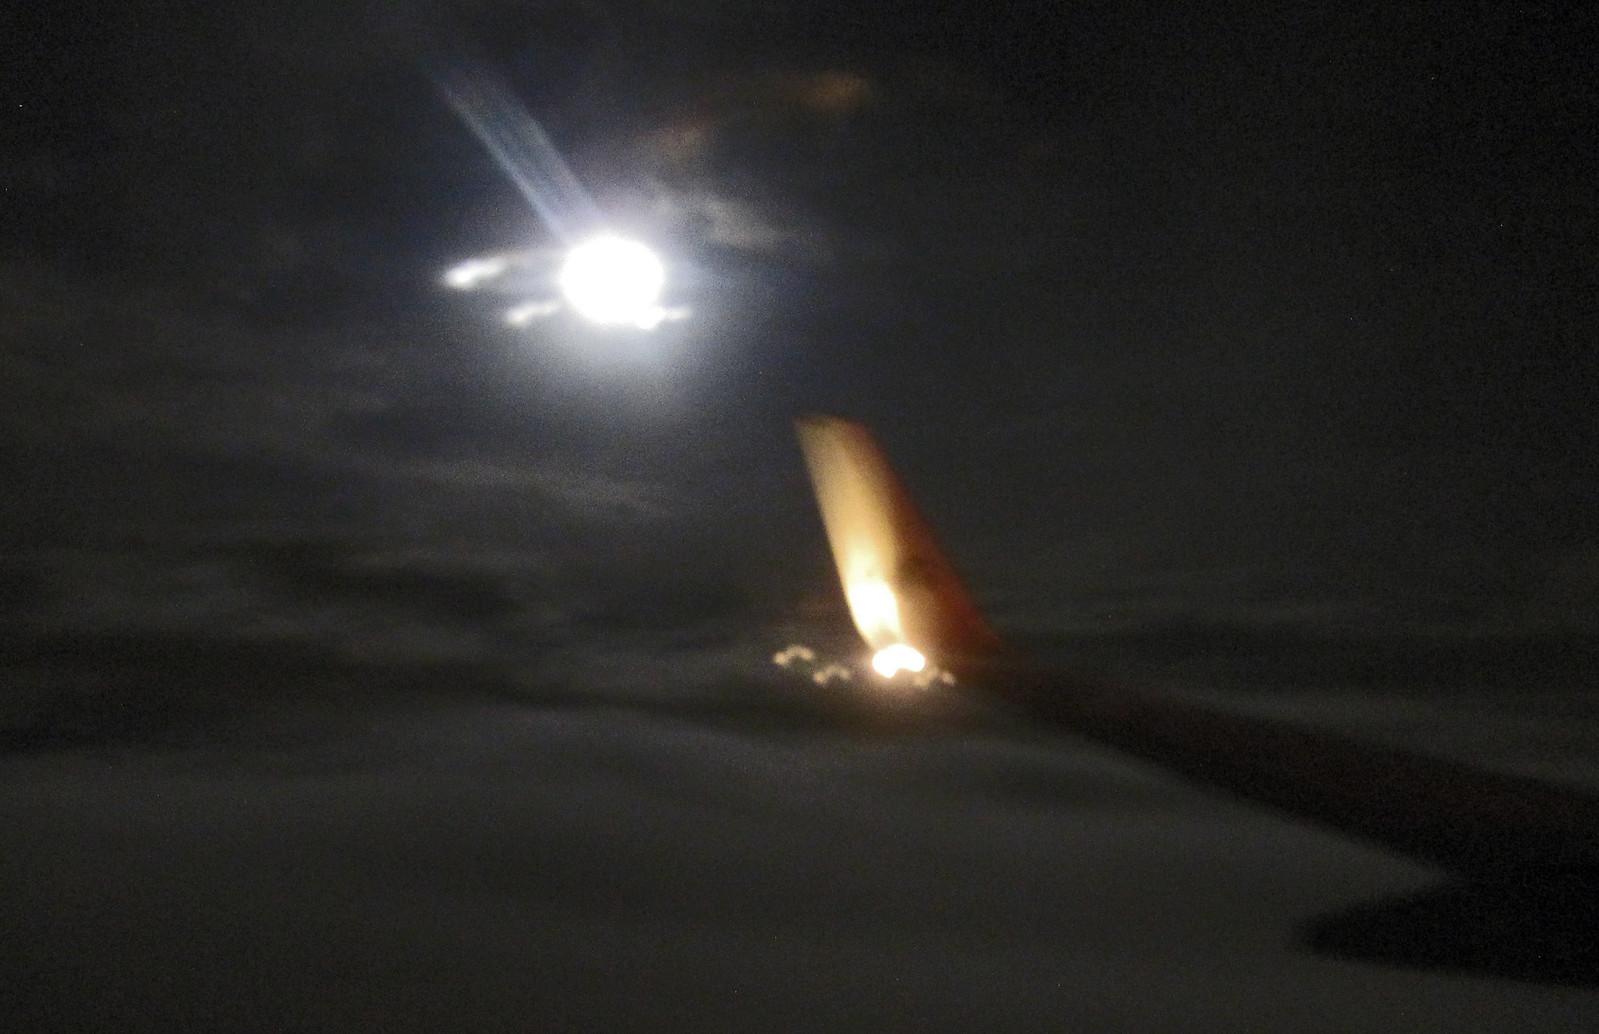 Aérea nocturna 10